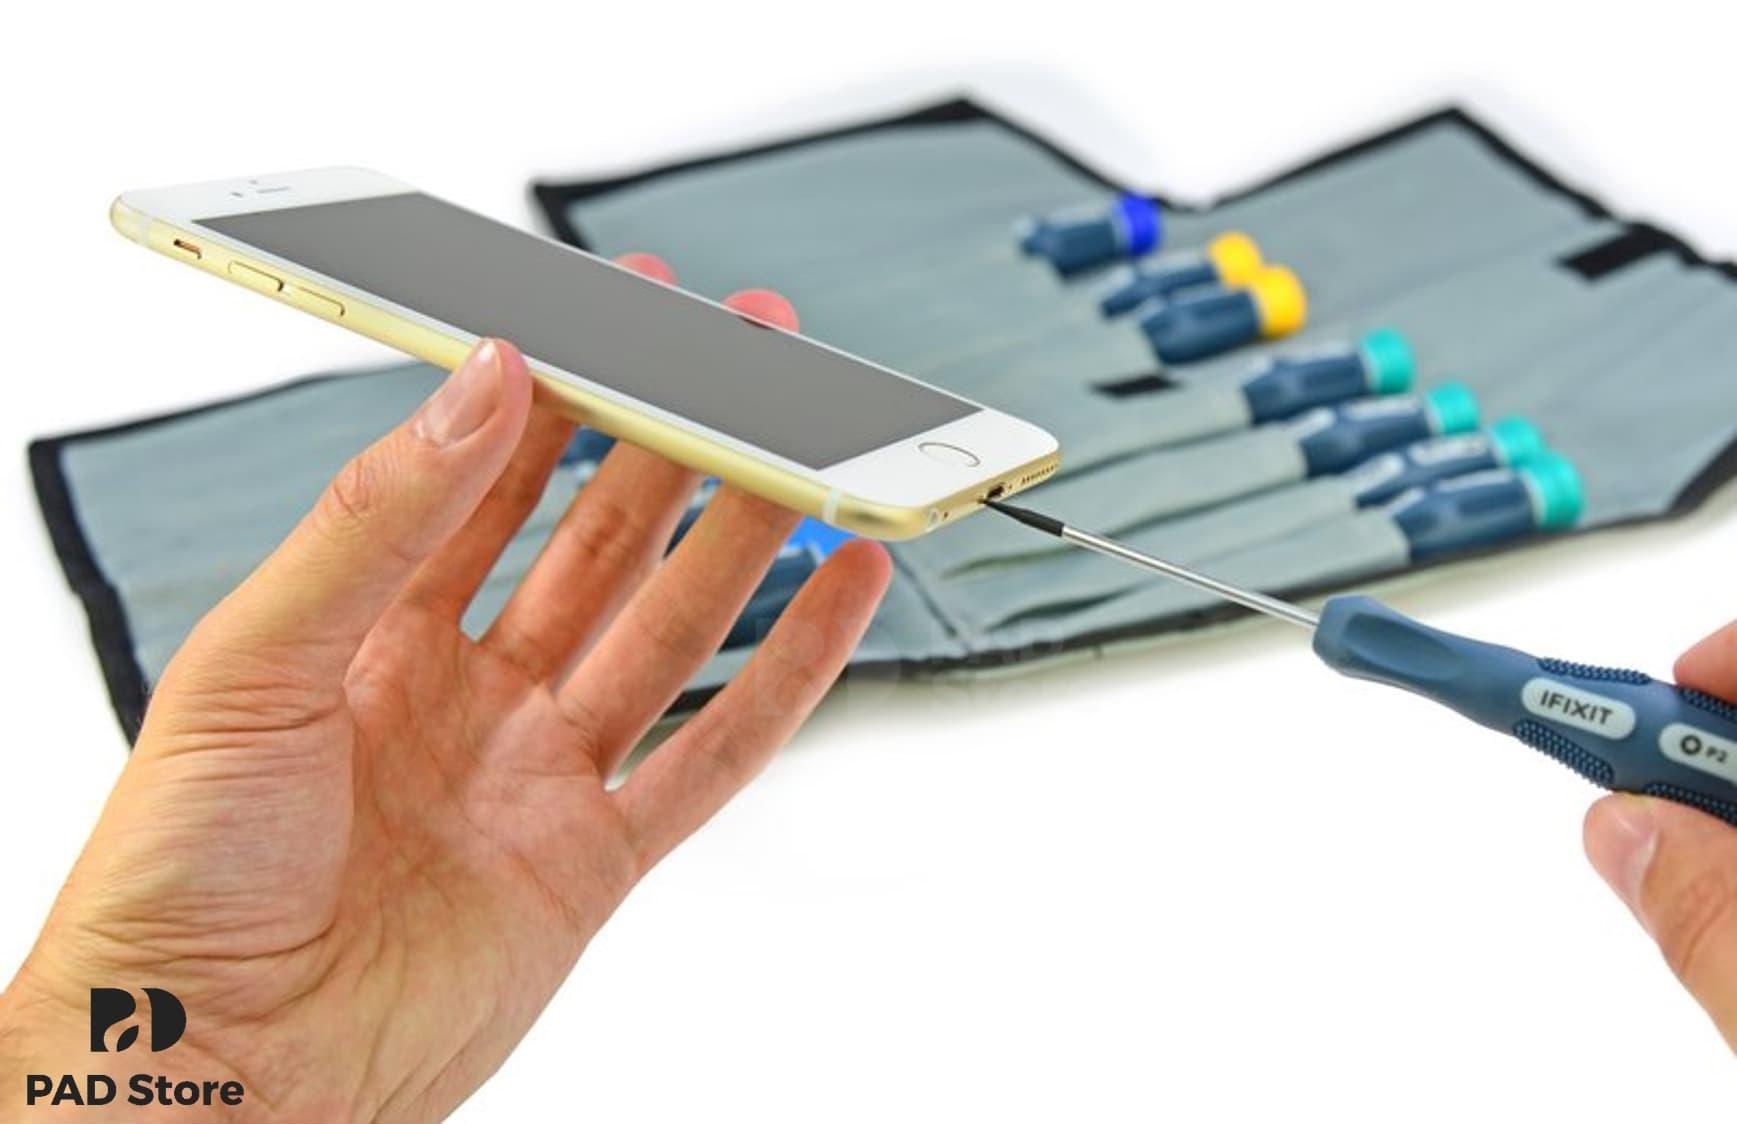 Khi nào cần thay PIN cho iPhone 6 Plus